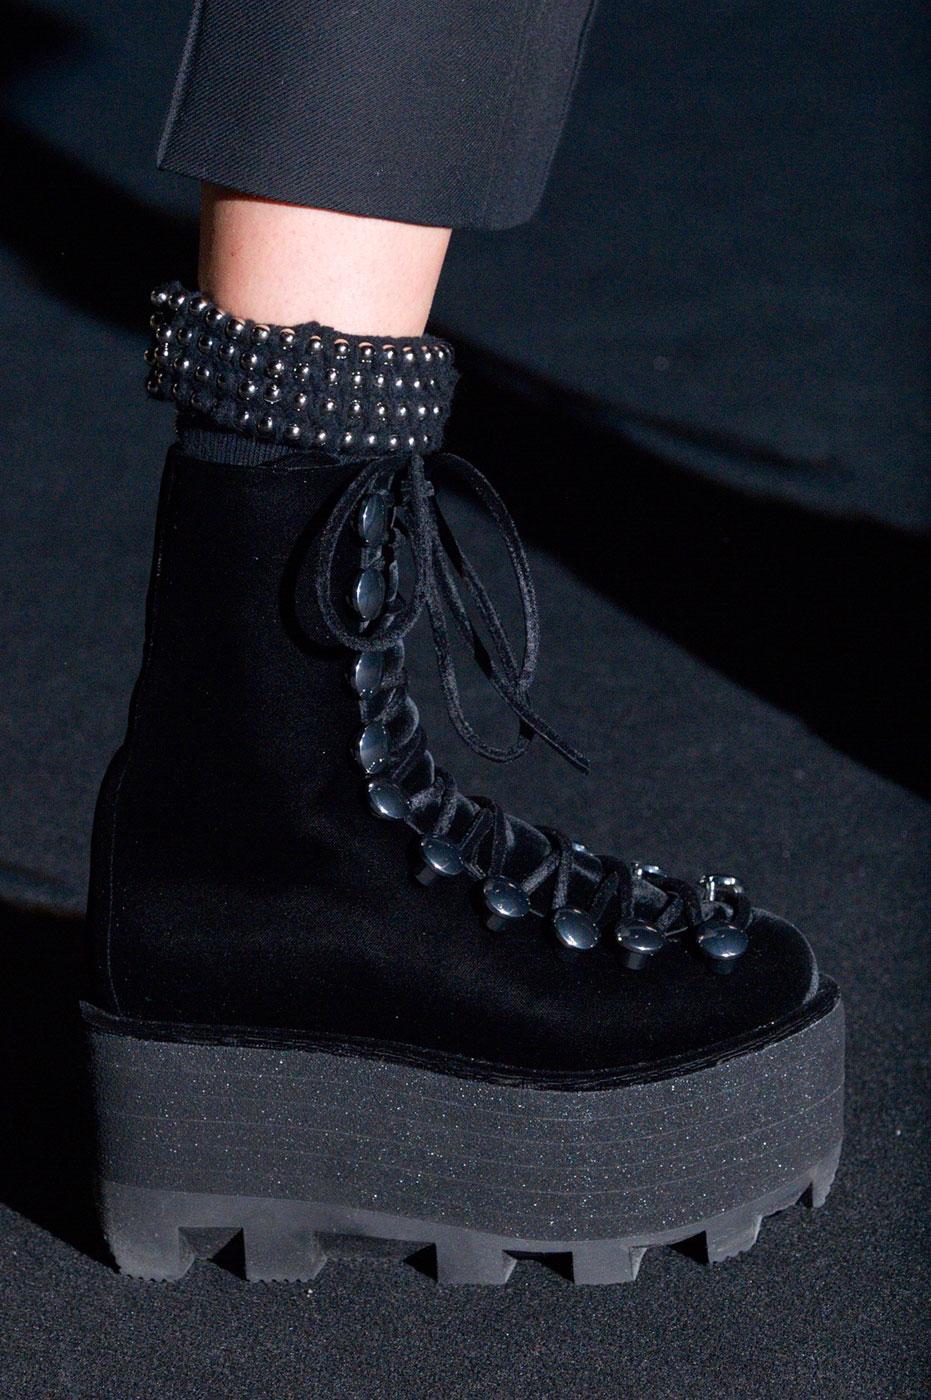 alexander wang clp rf15 6461 5 модных марок сумасшедшей обуви